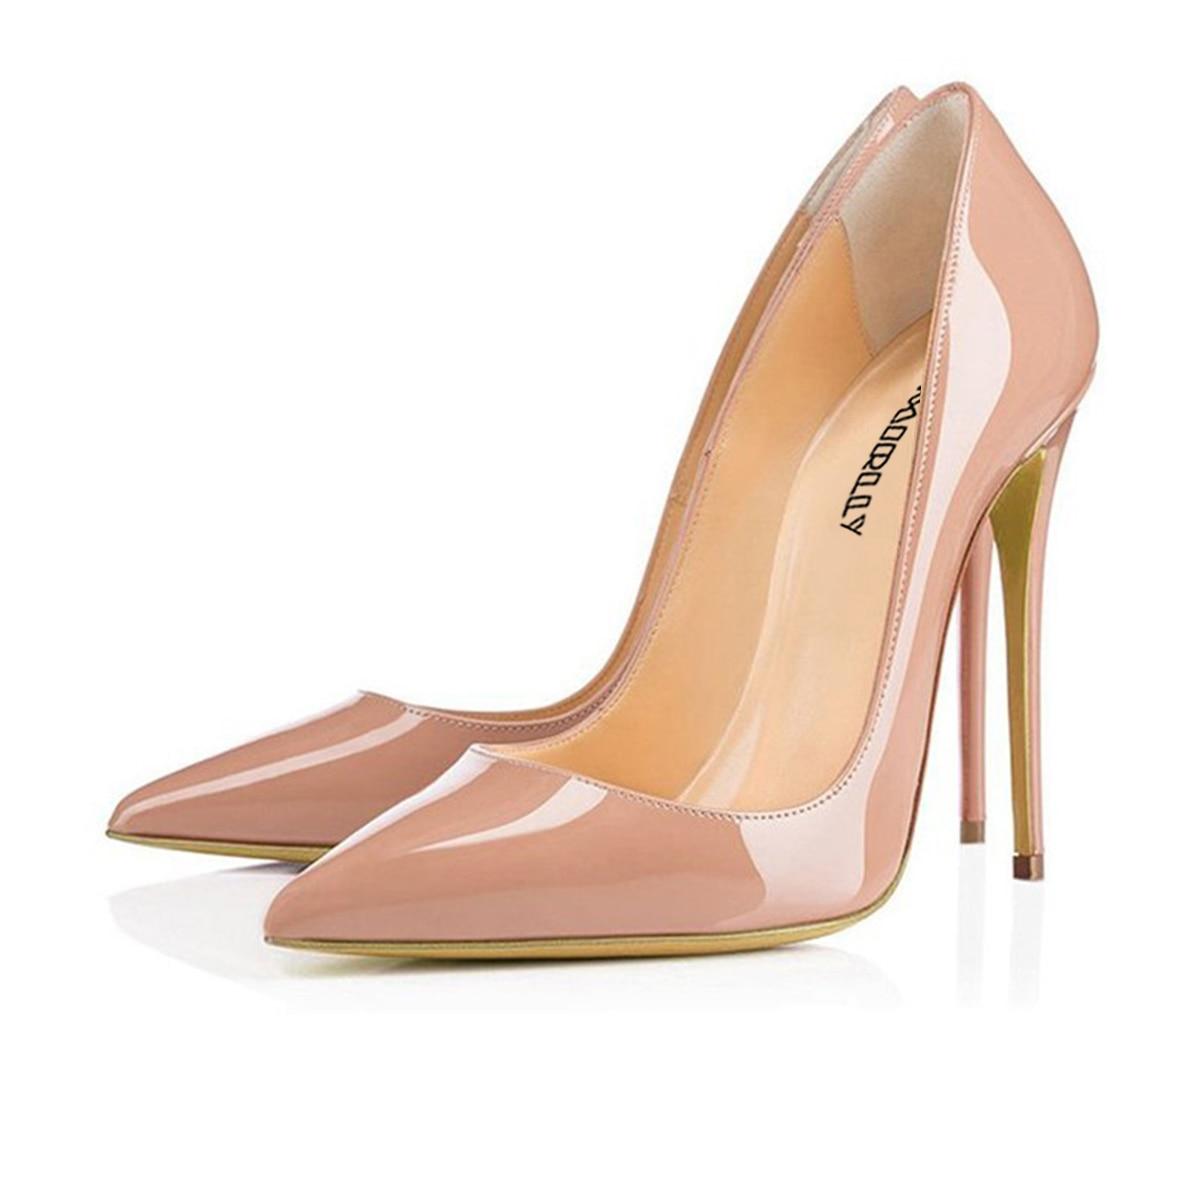 Aimrilly printemps mode dames à talons hauts pompes à la main confortable bout pointu chaussures à talons aiguilles taille US 4 15.5 vente en gros-in Escarpins femme from Chaussures    2